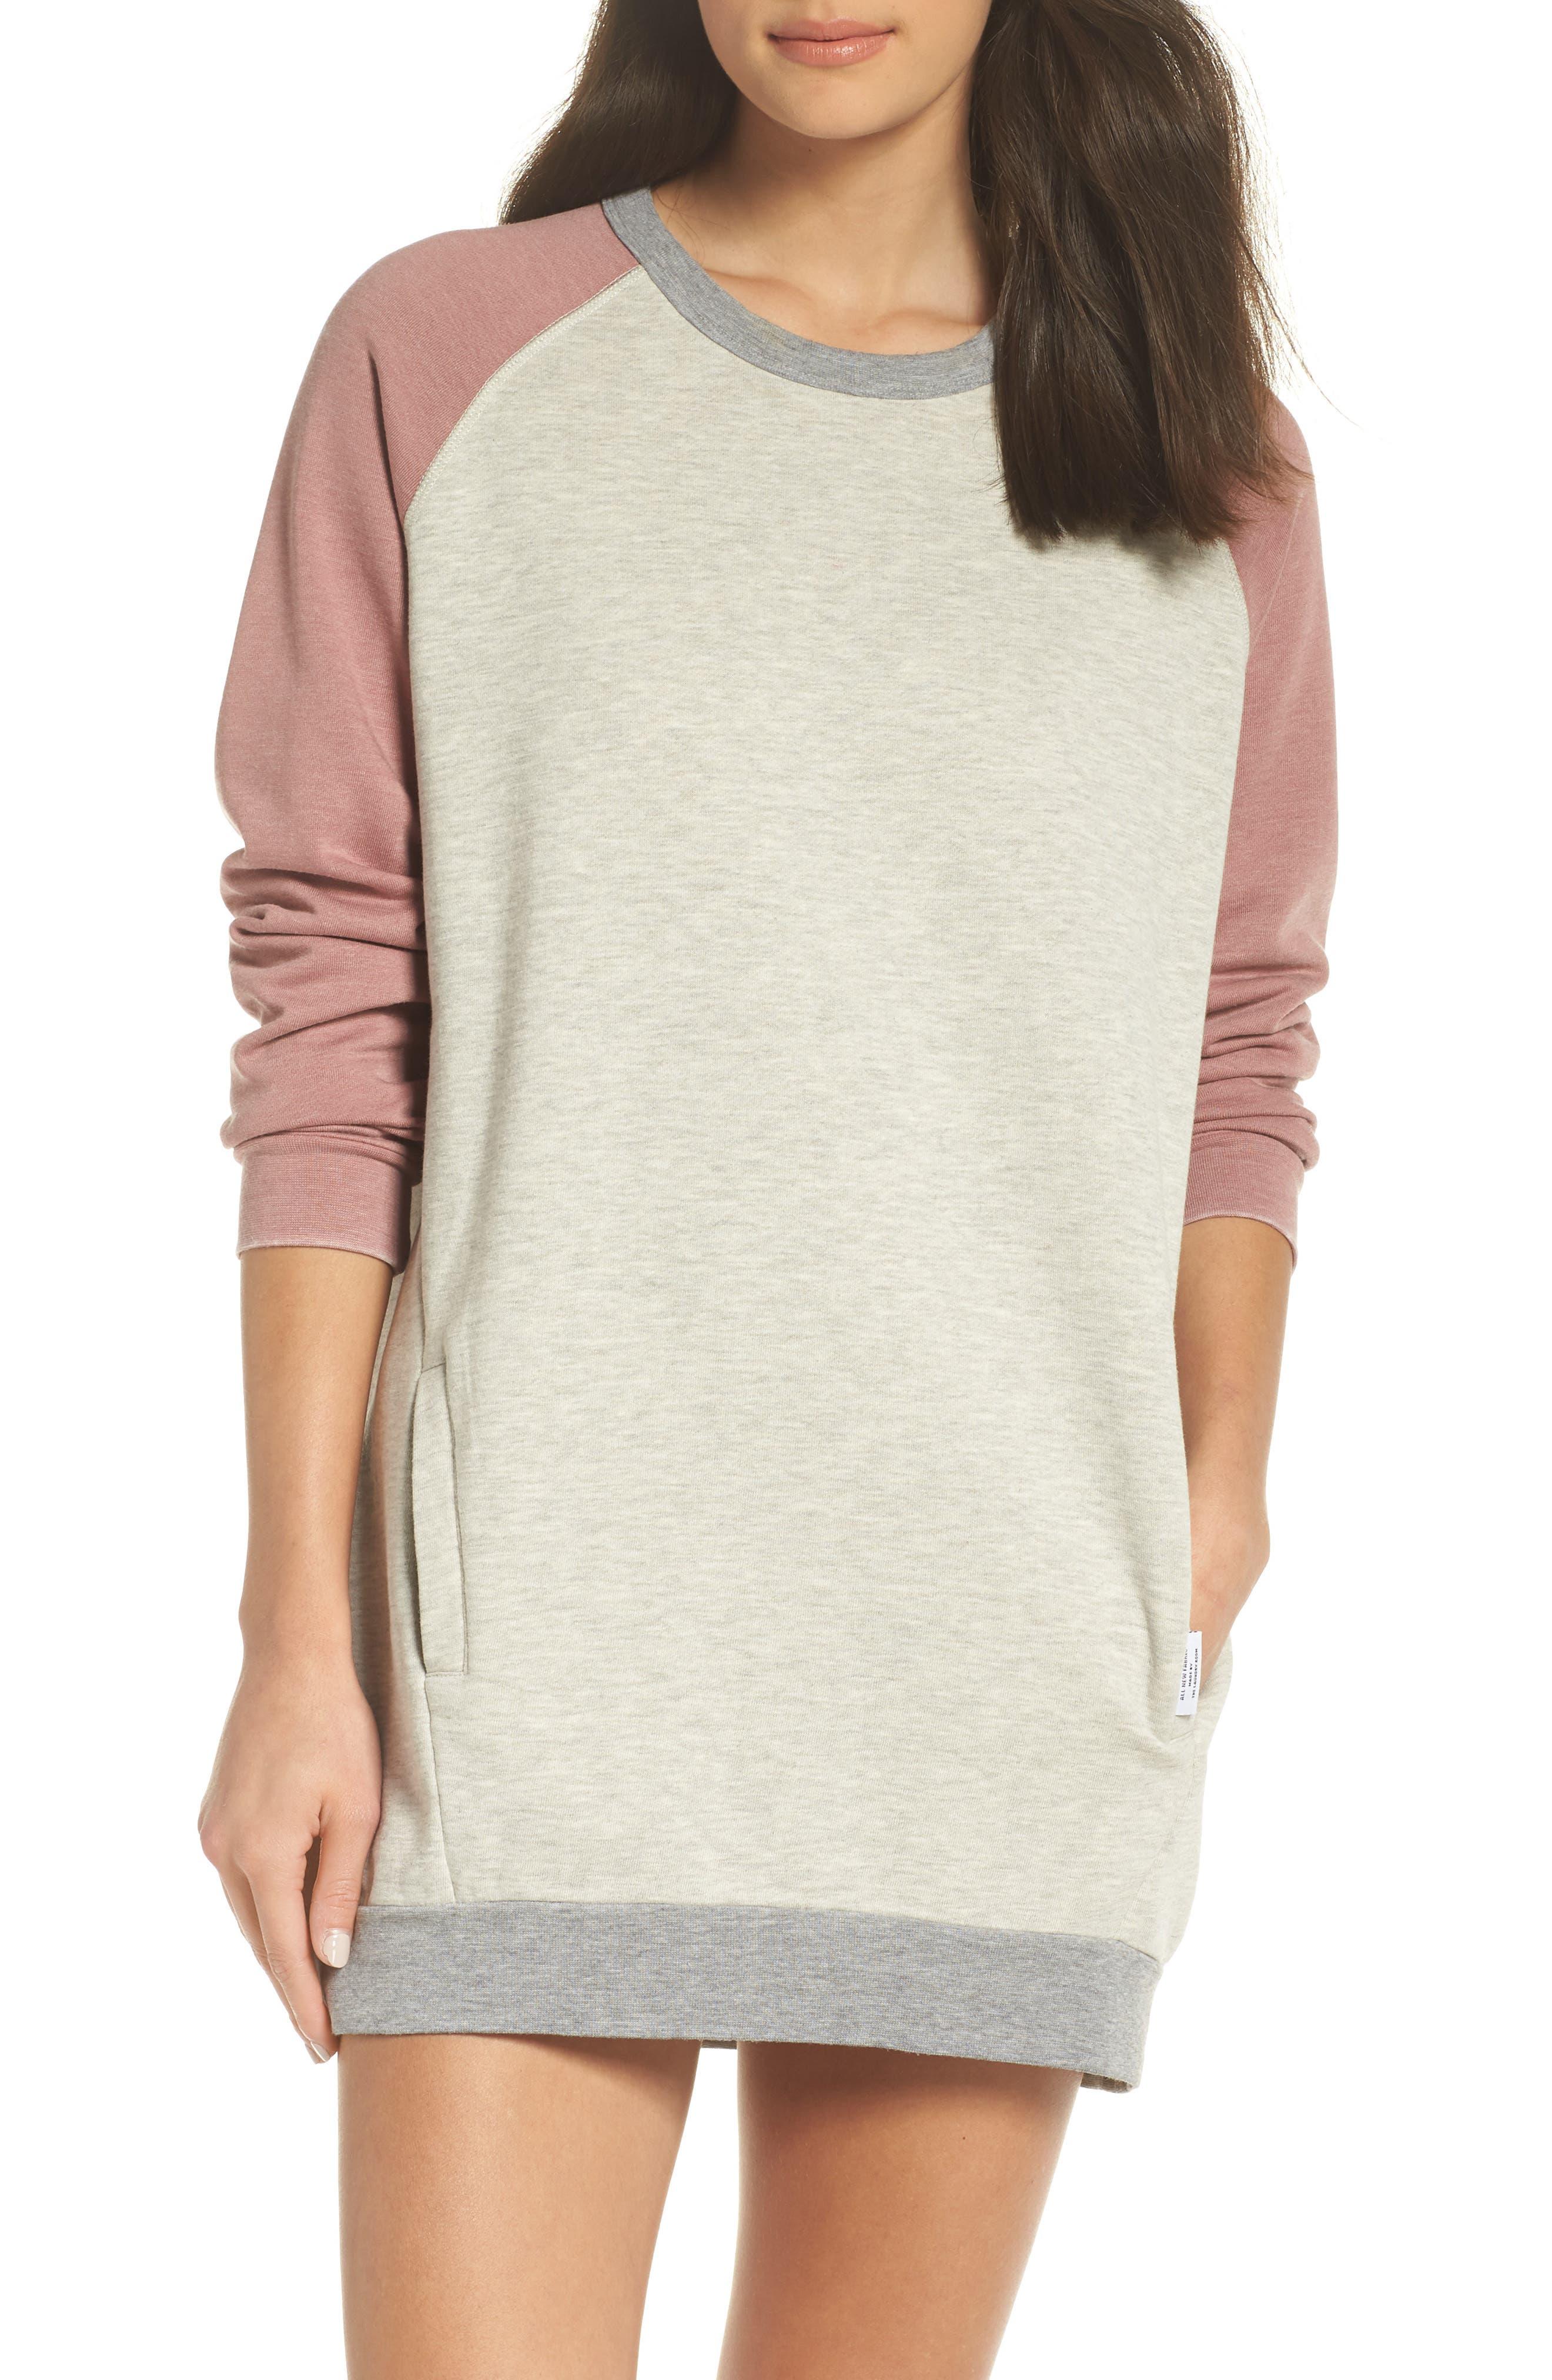 Lounge Sweatshirt Dress,                             Main thumbnail 1, color,                             PEBBLE HEATHER / MAUVE